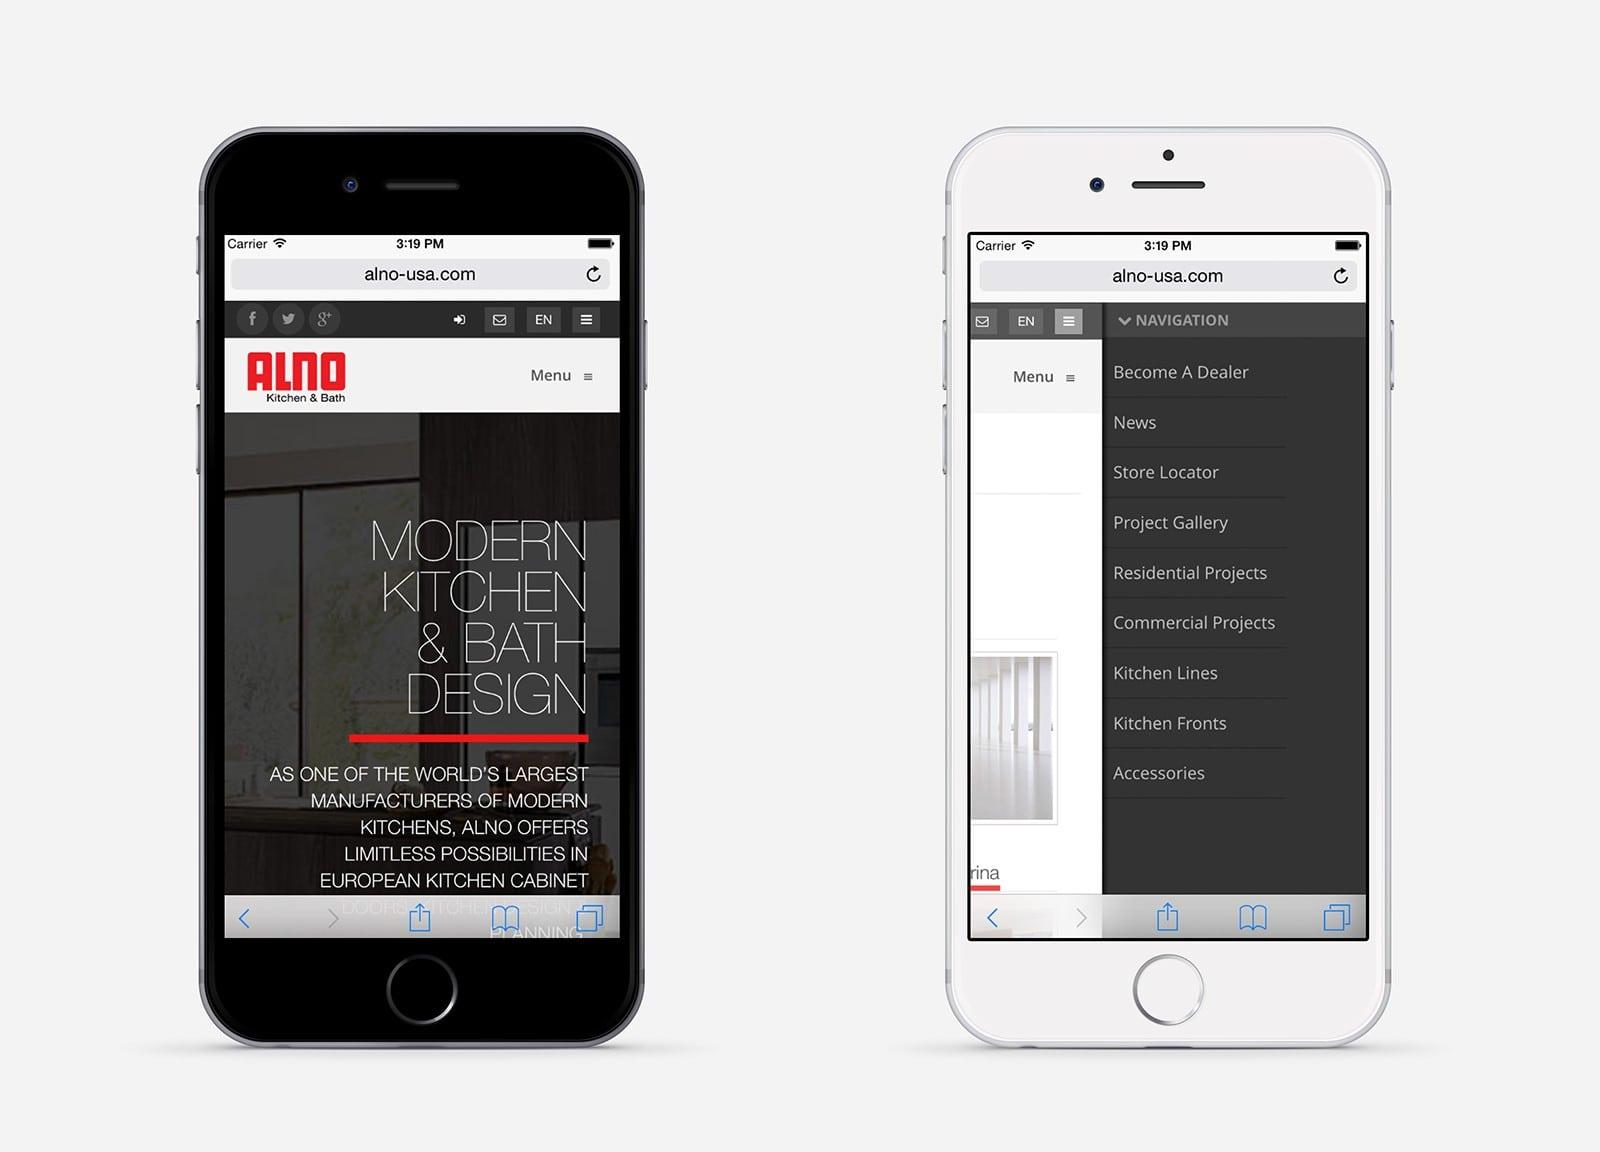 ALNO Kitchens - Mobile Version